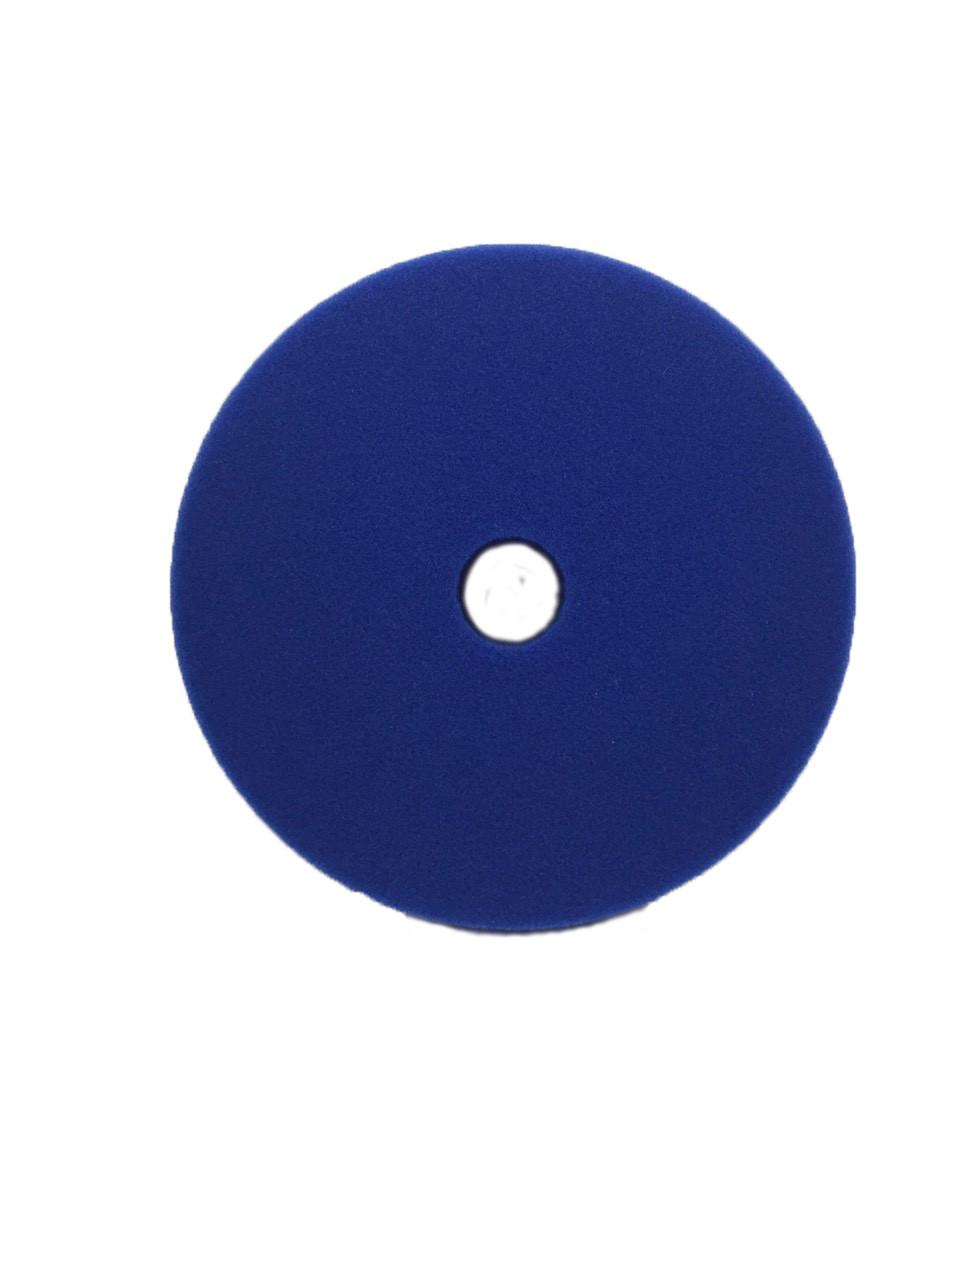 Полировальный круг жесткий - Lake Country SDO Blue Heavy Polishing 125 мм. (SDO-92550)